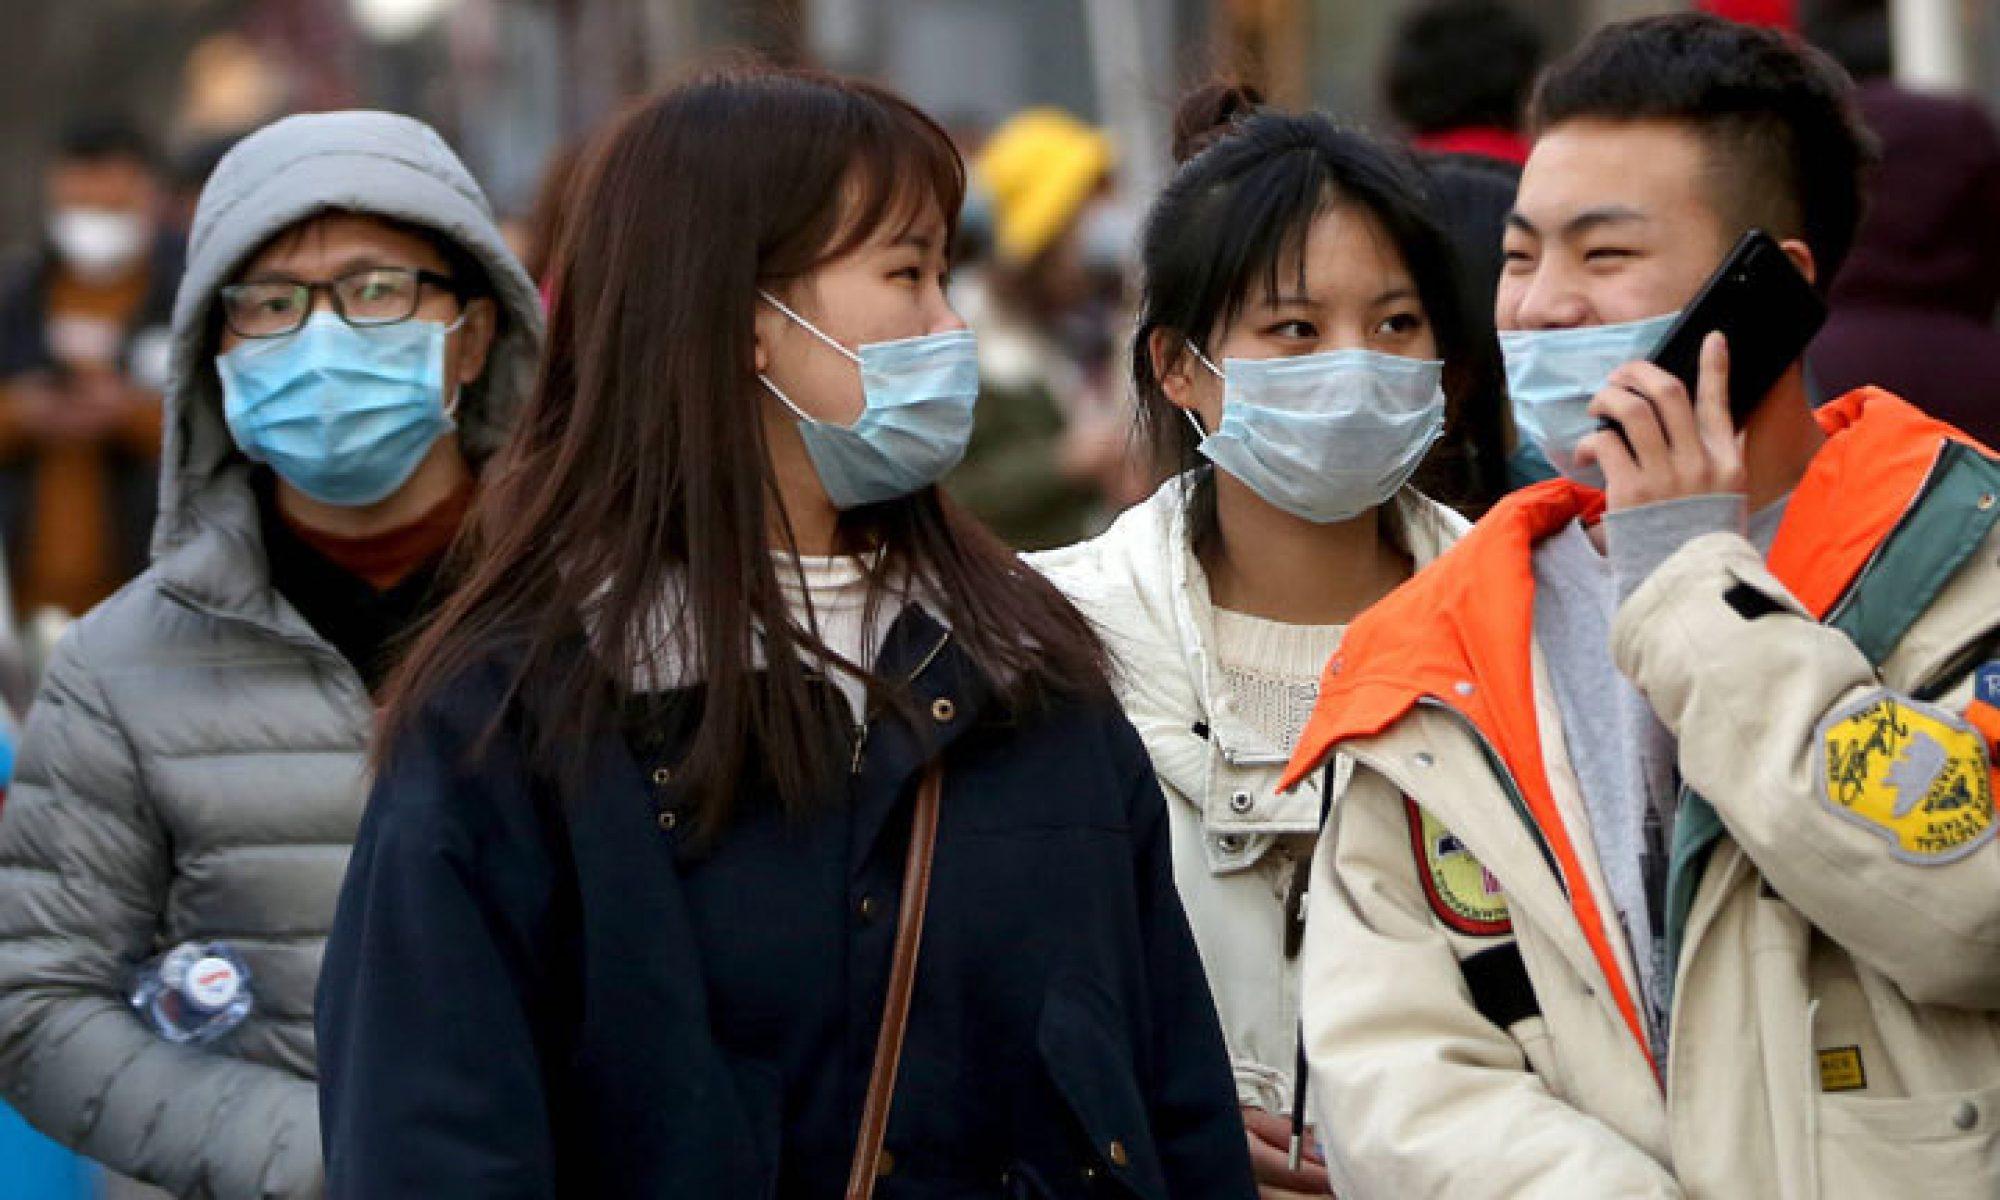 Çin'de Coronavirüs vakası sanıldığından farklı mı?